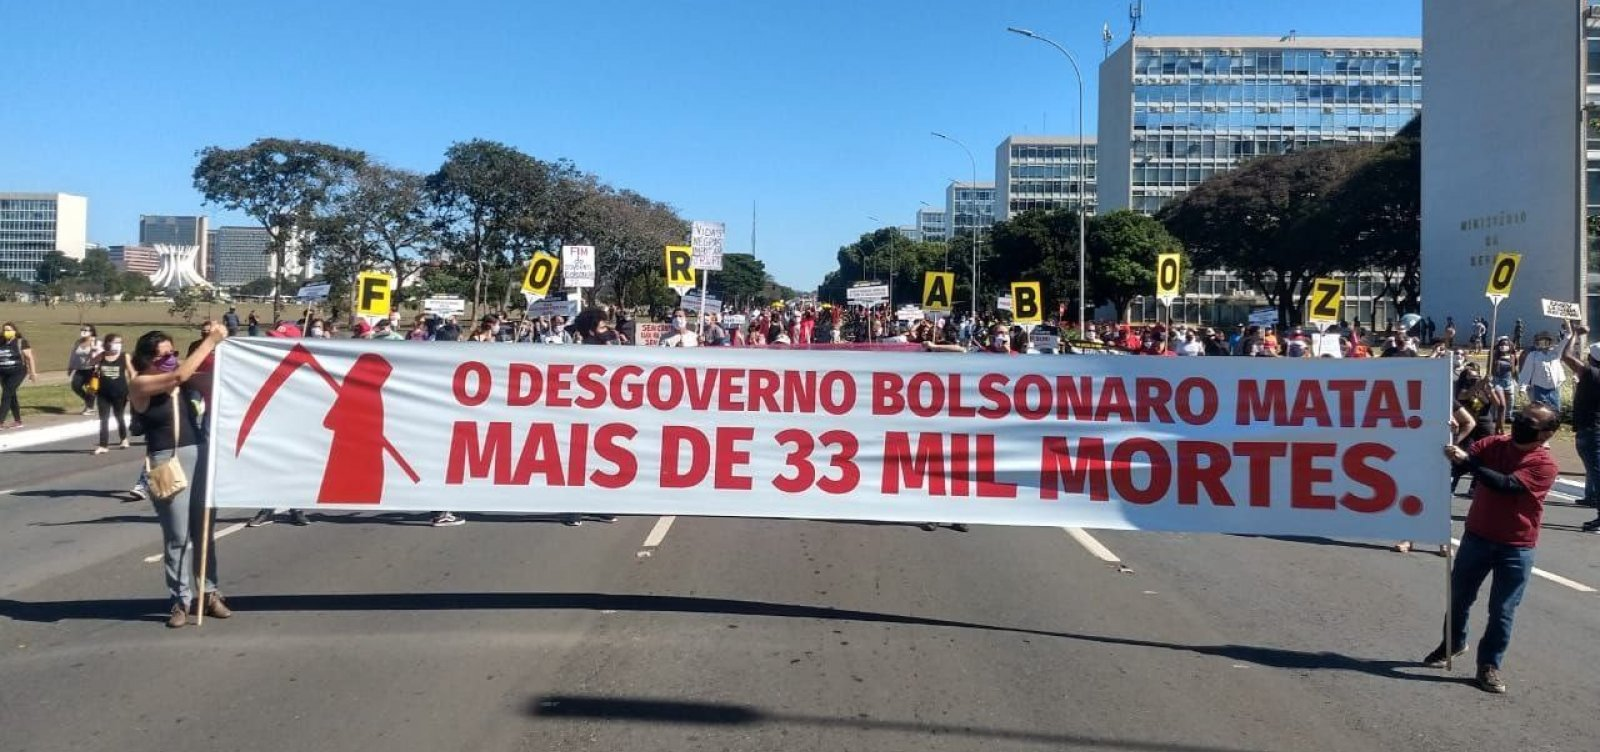 [Manifestantes em Brasília defendem a democracia e pedem saída de Bolsonaro]